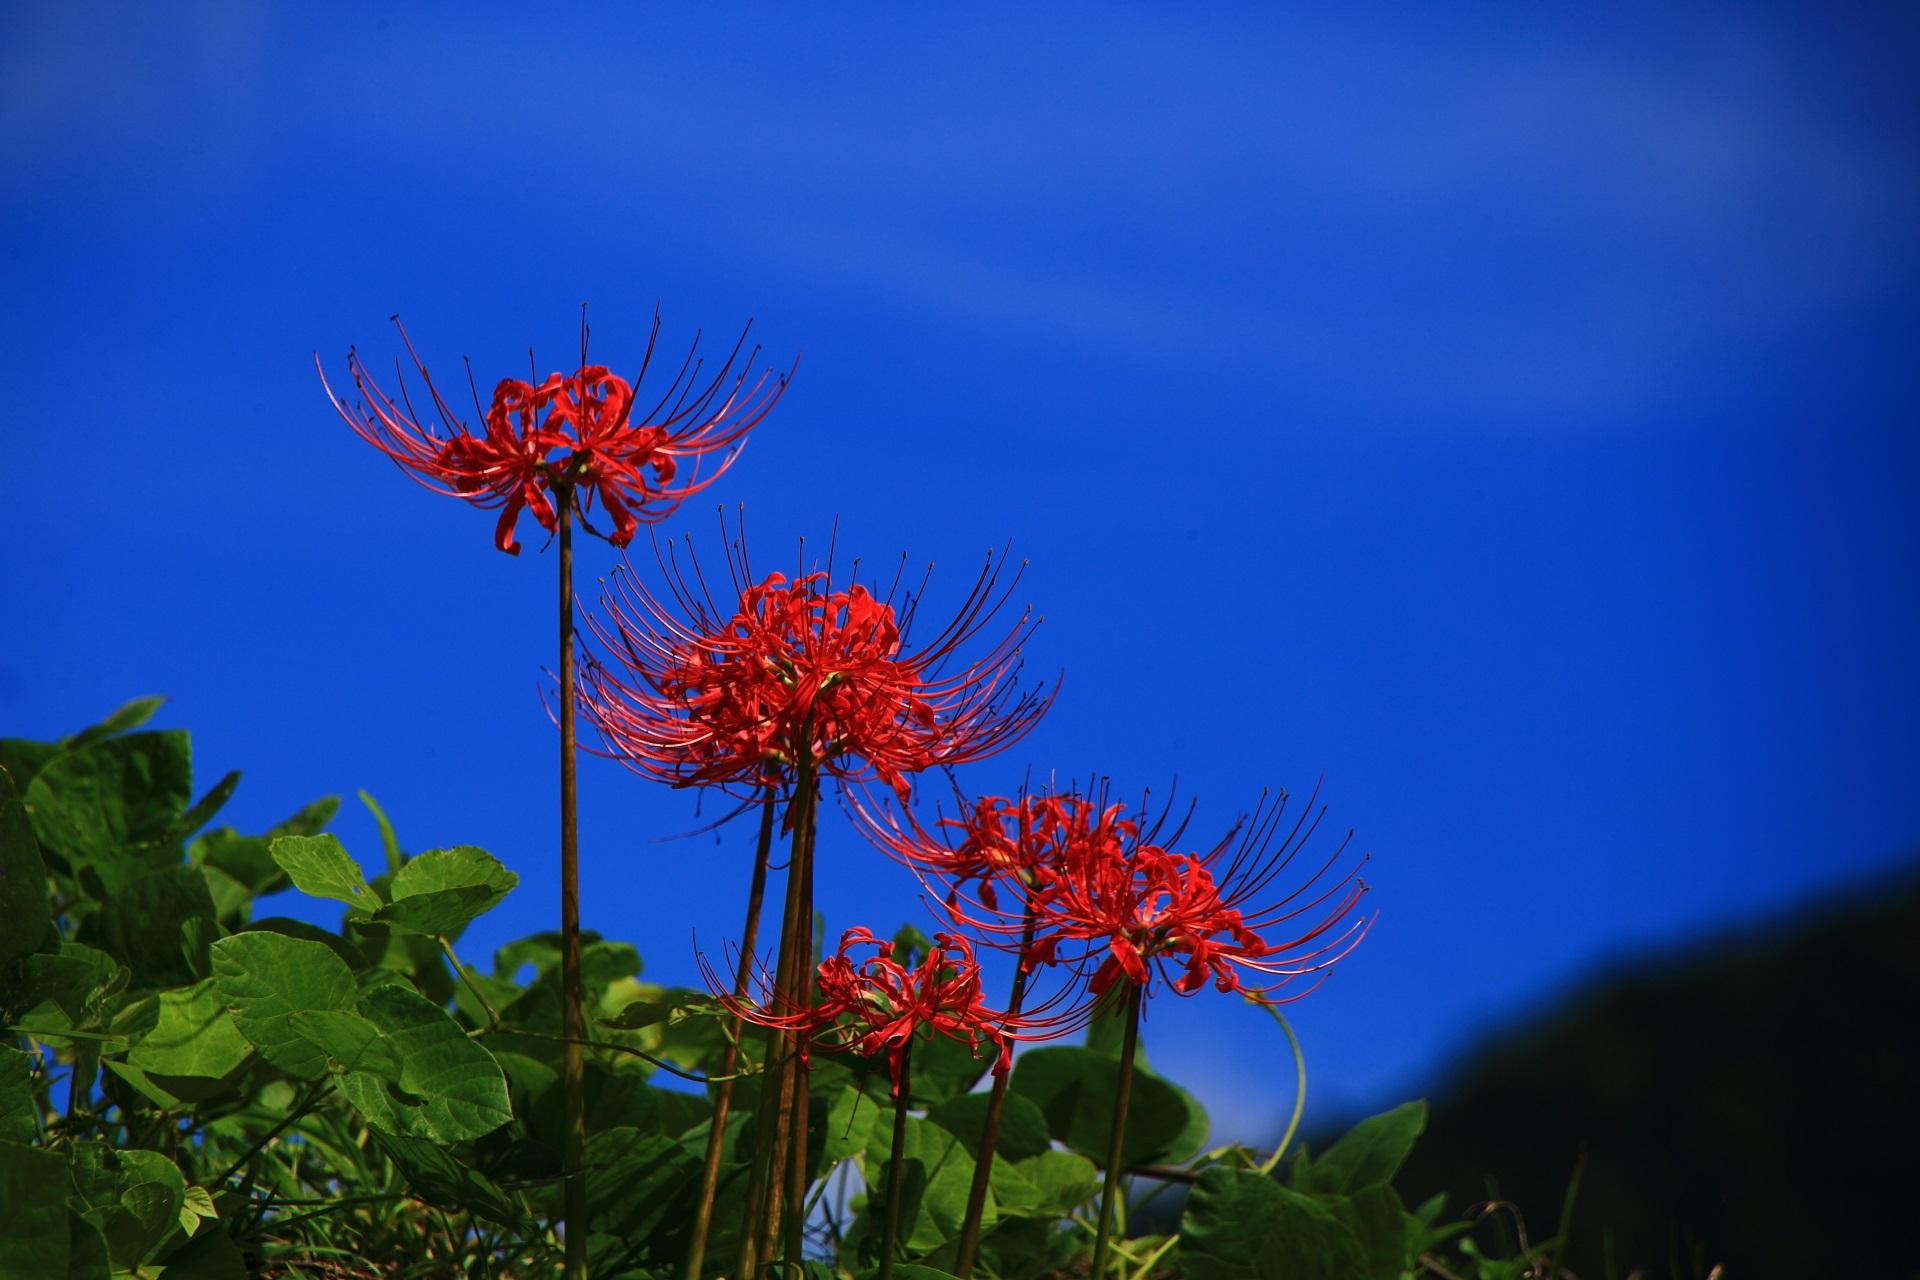 大原の青空を背景にした赤い彼岸花